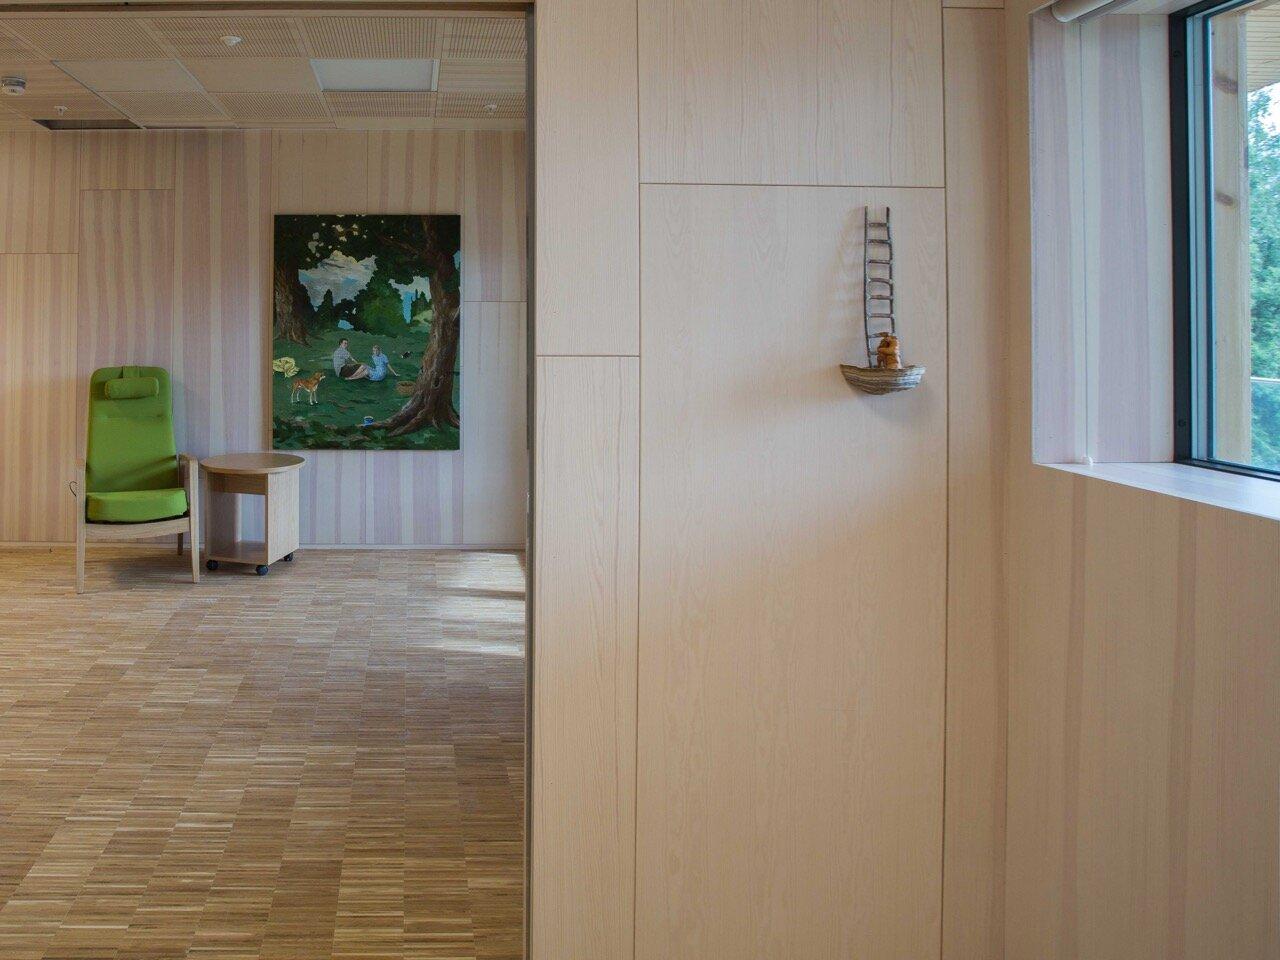 Fosshagen sykehjem, avdeling for demente